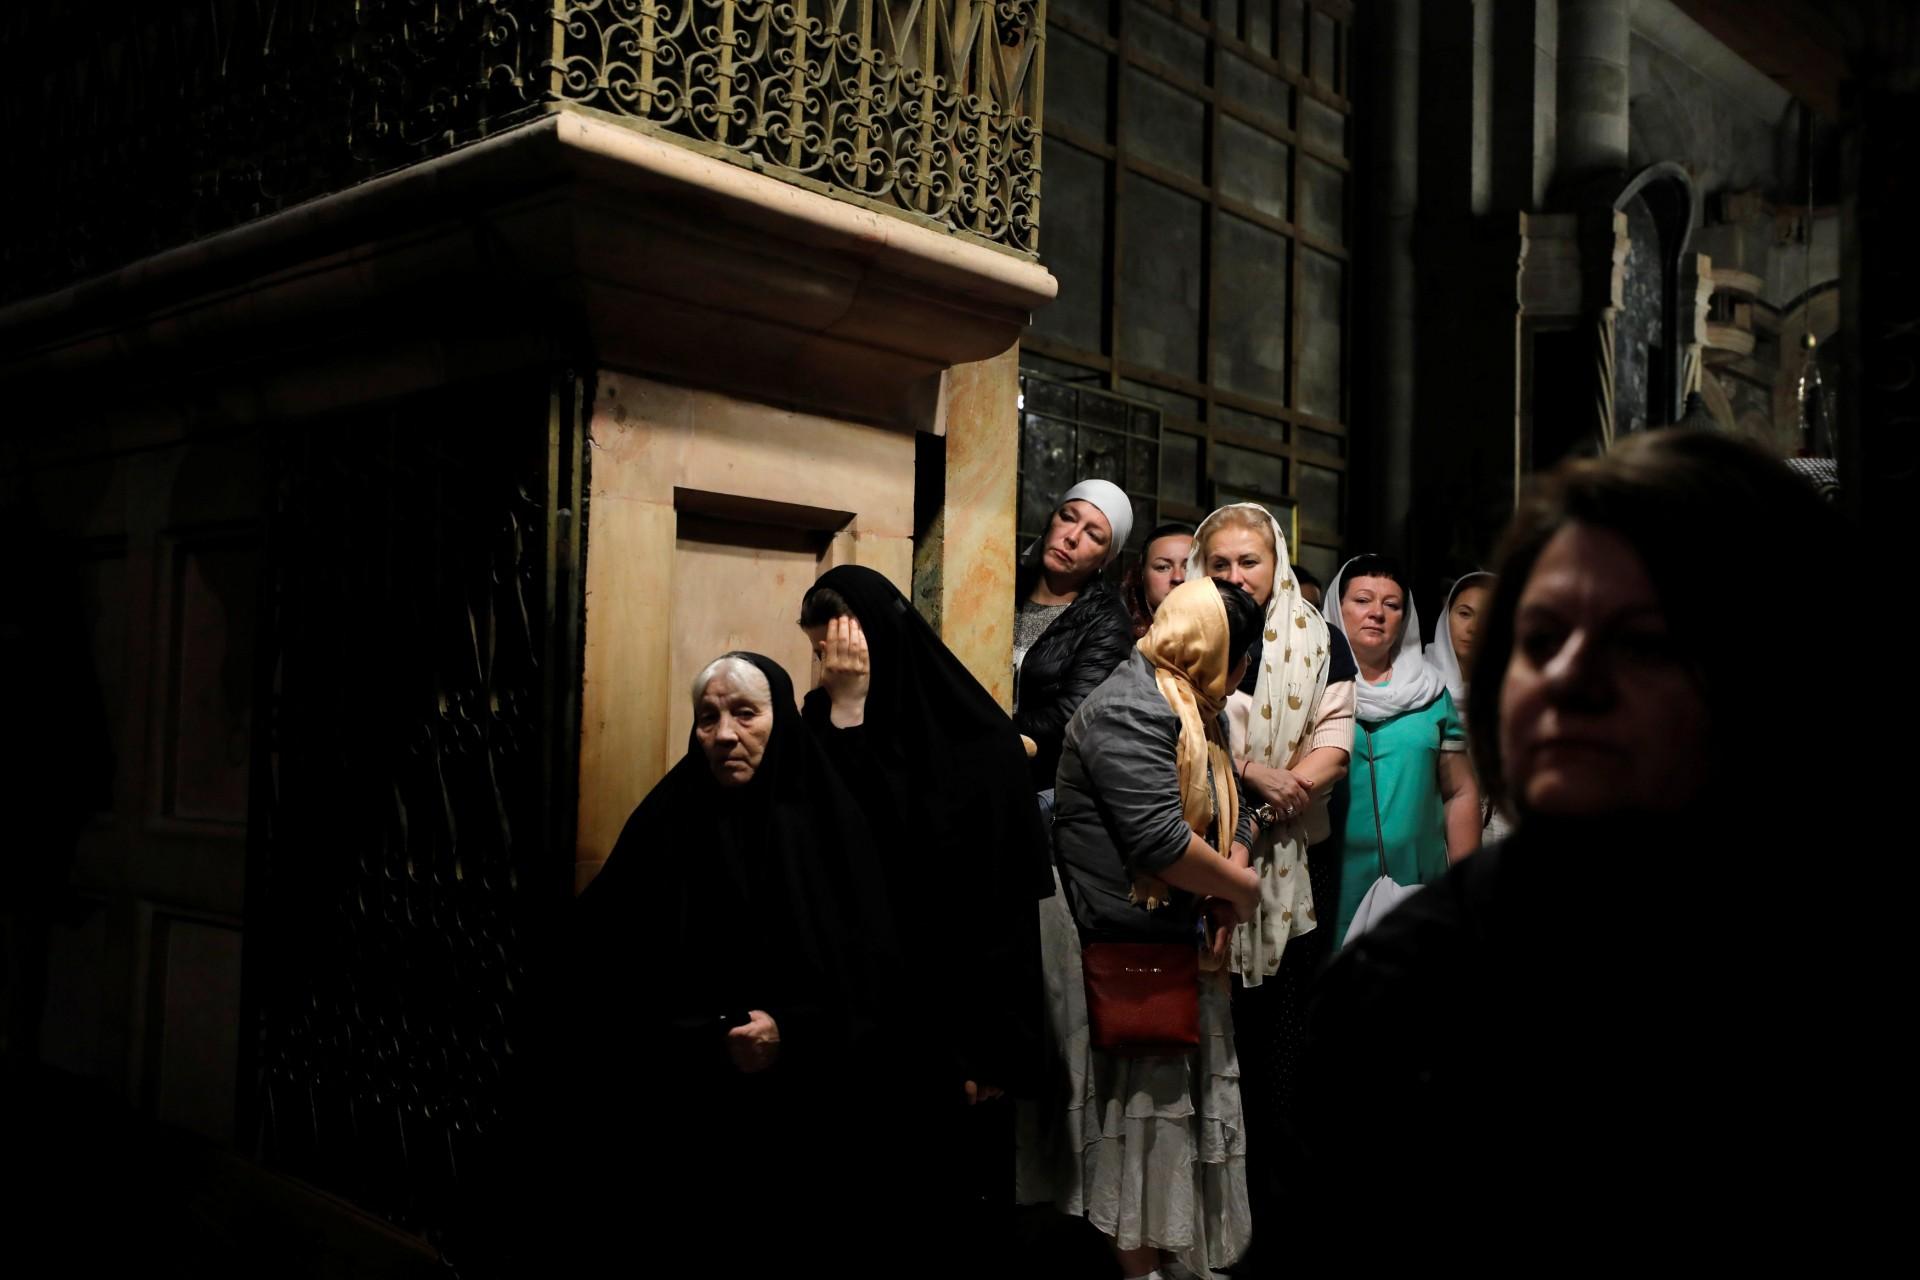 Los adoradores visitan la Iglesia del Santo Sepulcro en la Ciudad Vieja de Jerusalén, el 18 de noviembre de 2018.